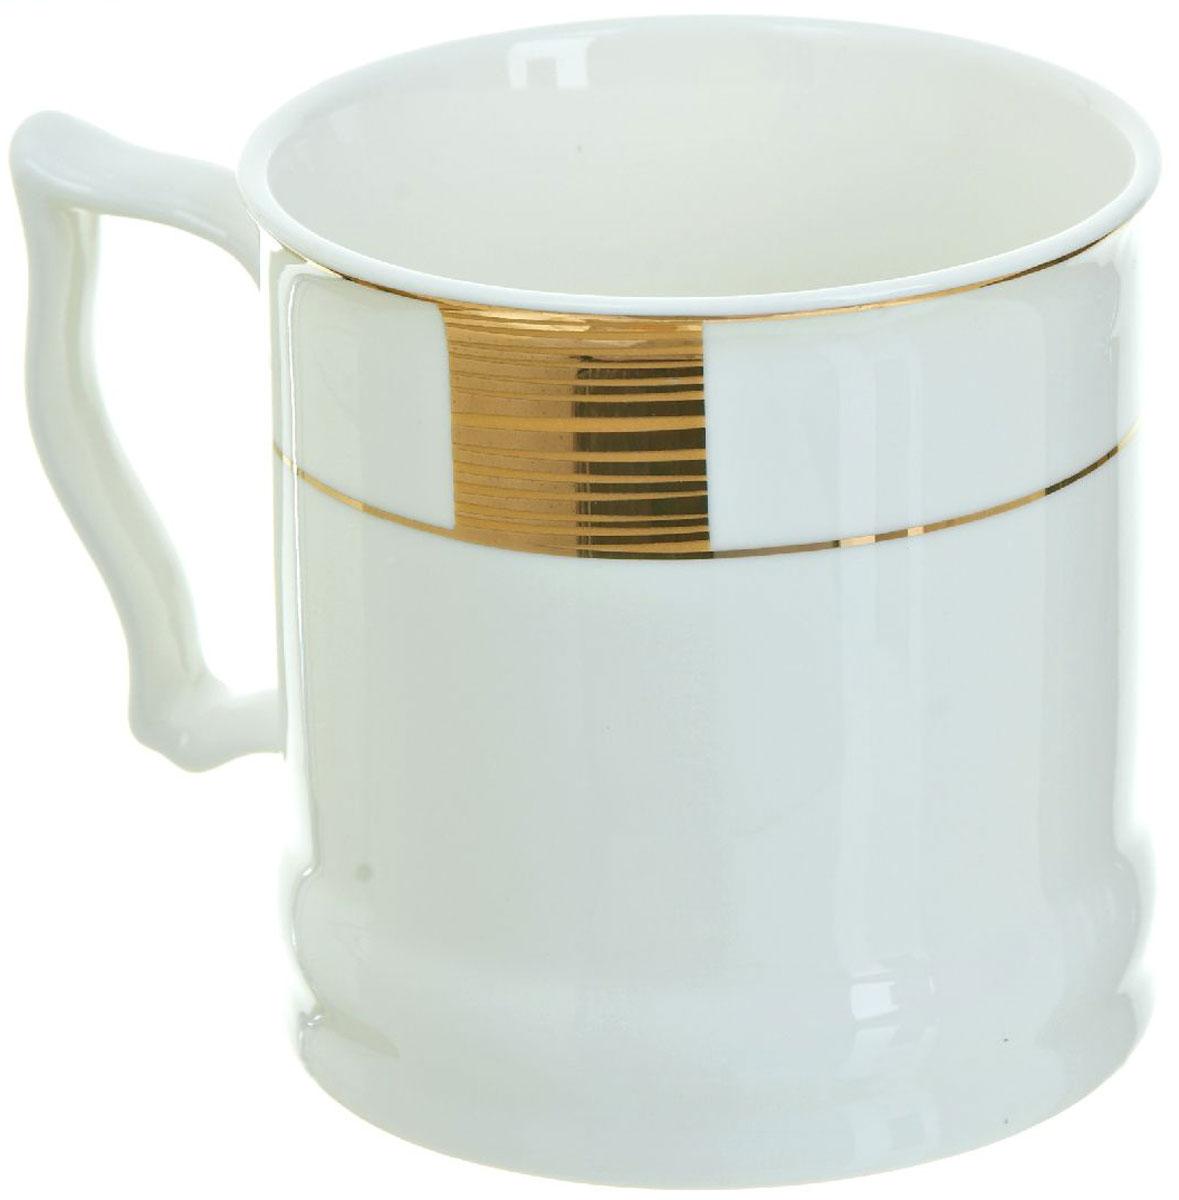 Кружка BHP Королевская кружка, 500 мл. 1870010115510Оригинальная кружка Best Home Porcelain, выполненная из высококачественного фарфора, сочетает в себе простой, утонченный дизайн с максимальной функциональностью. Оригинальность оформления придутся по вкусу тем, кто ценит индивидуальность.Можно использовать в посудомоечной машине.